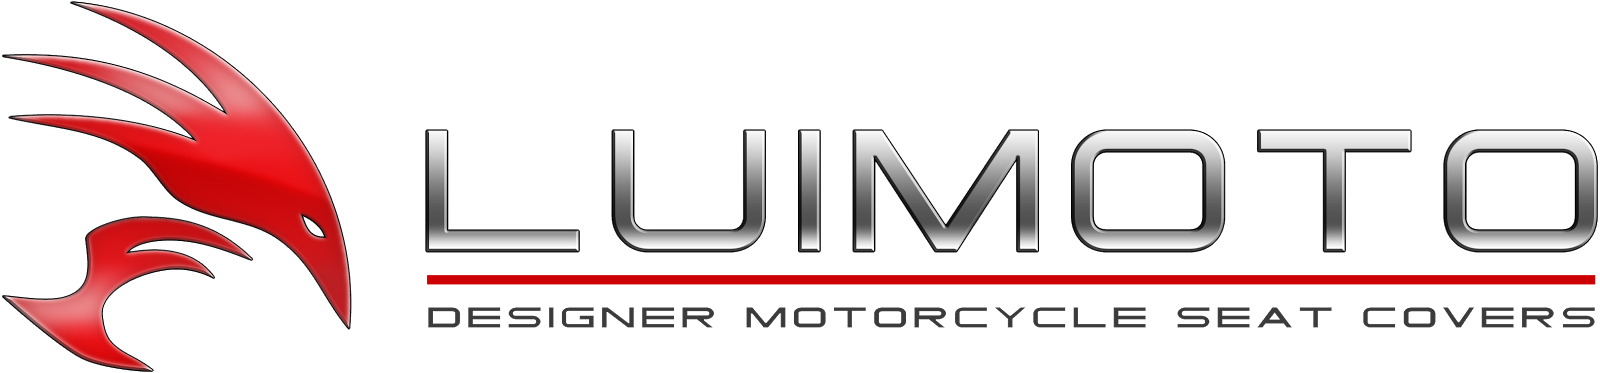 luimoto logo